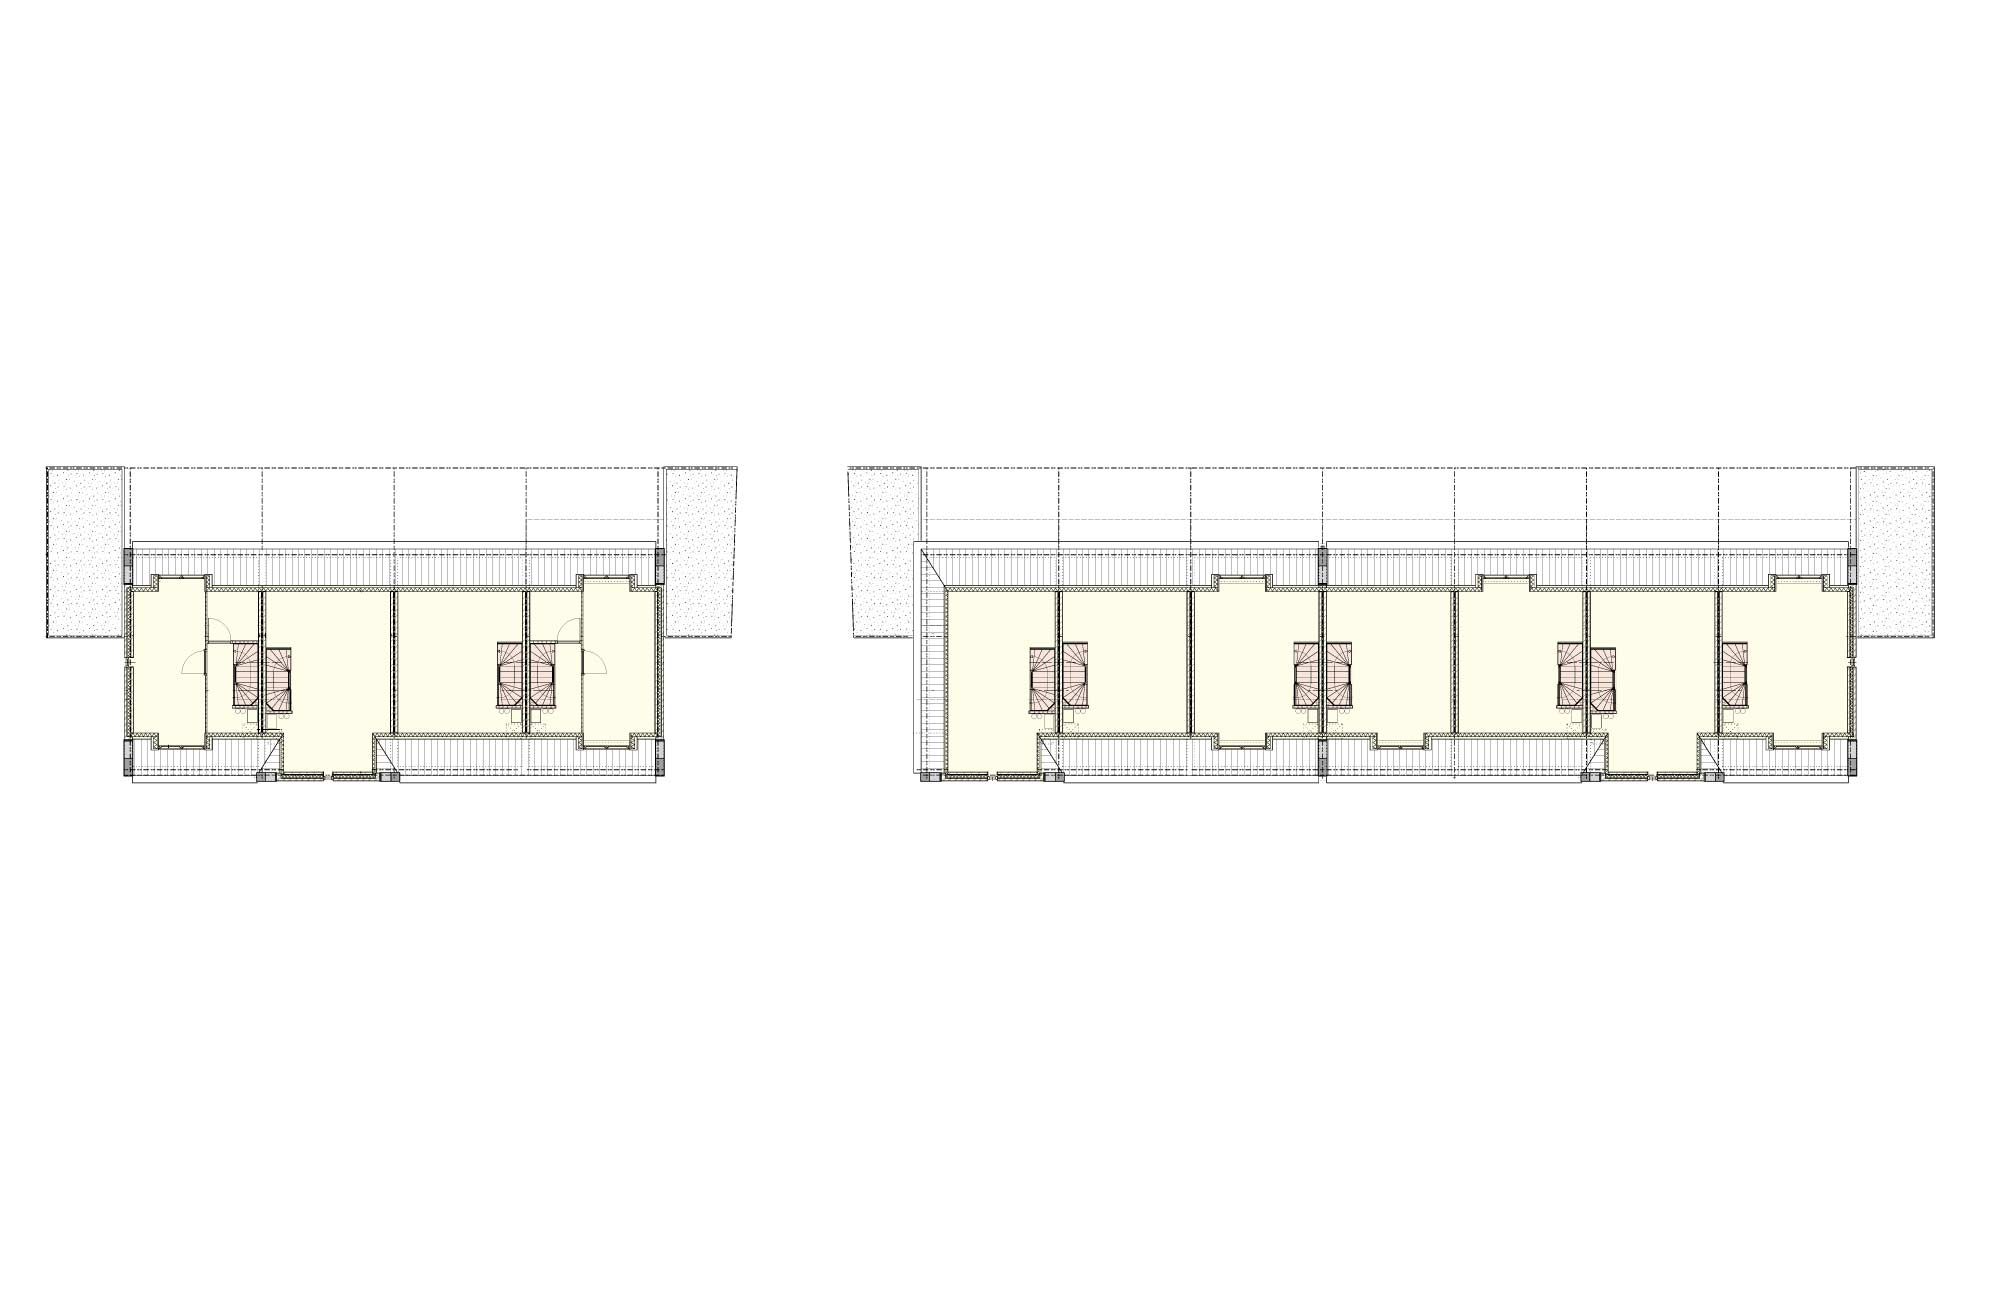 tweede_verdieping.jpg